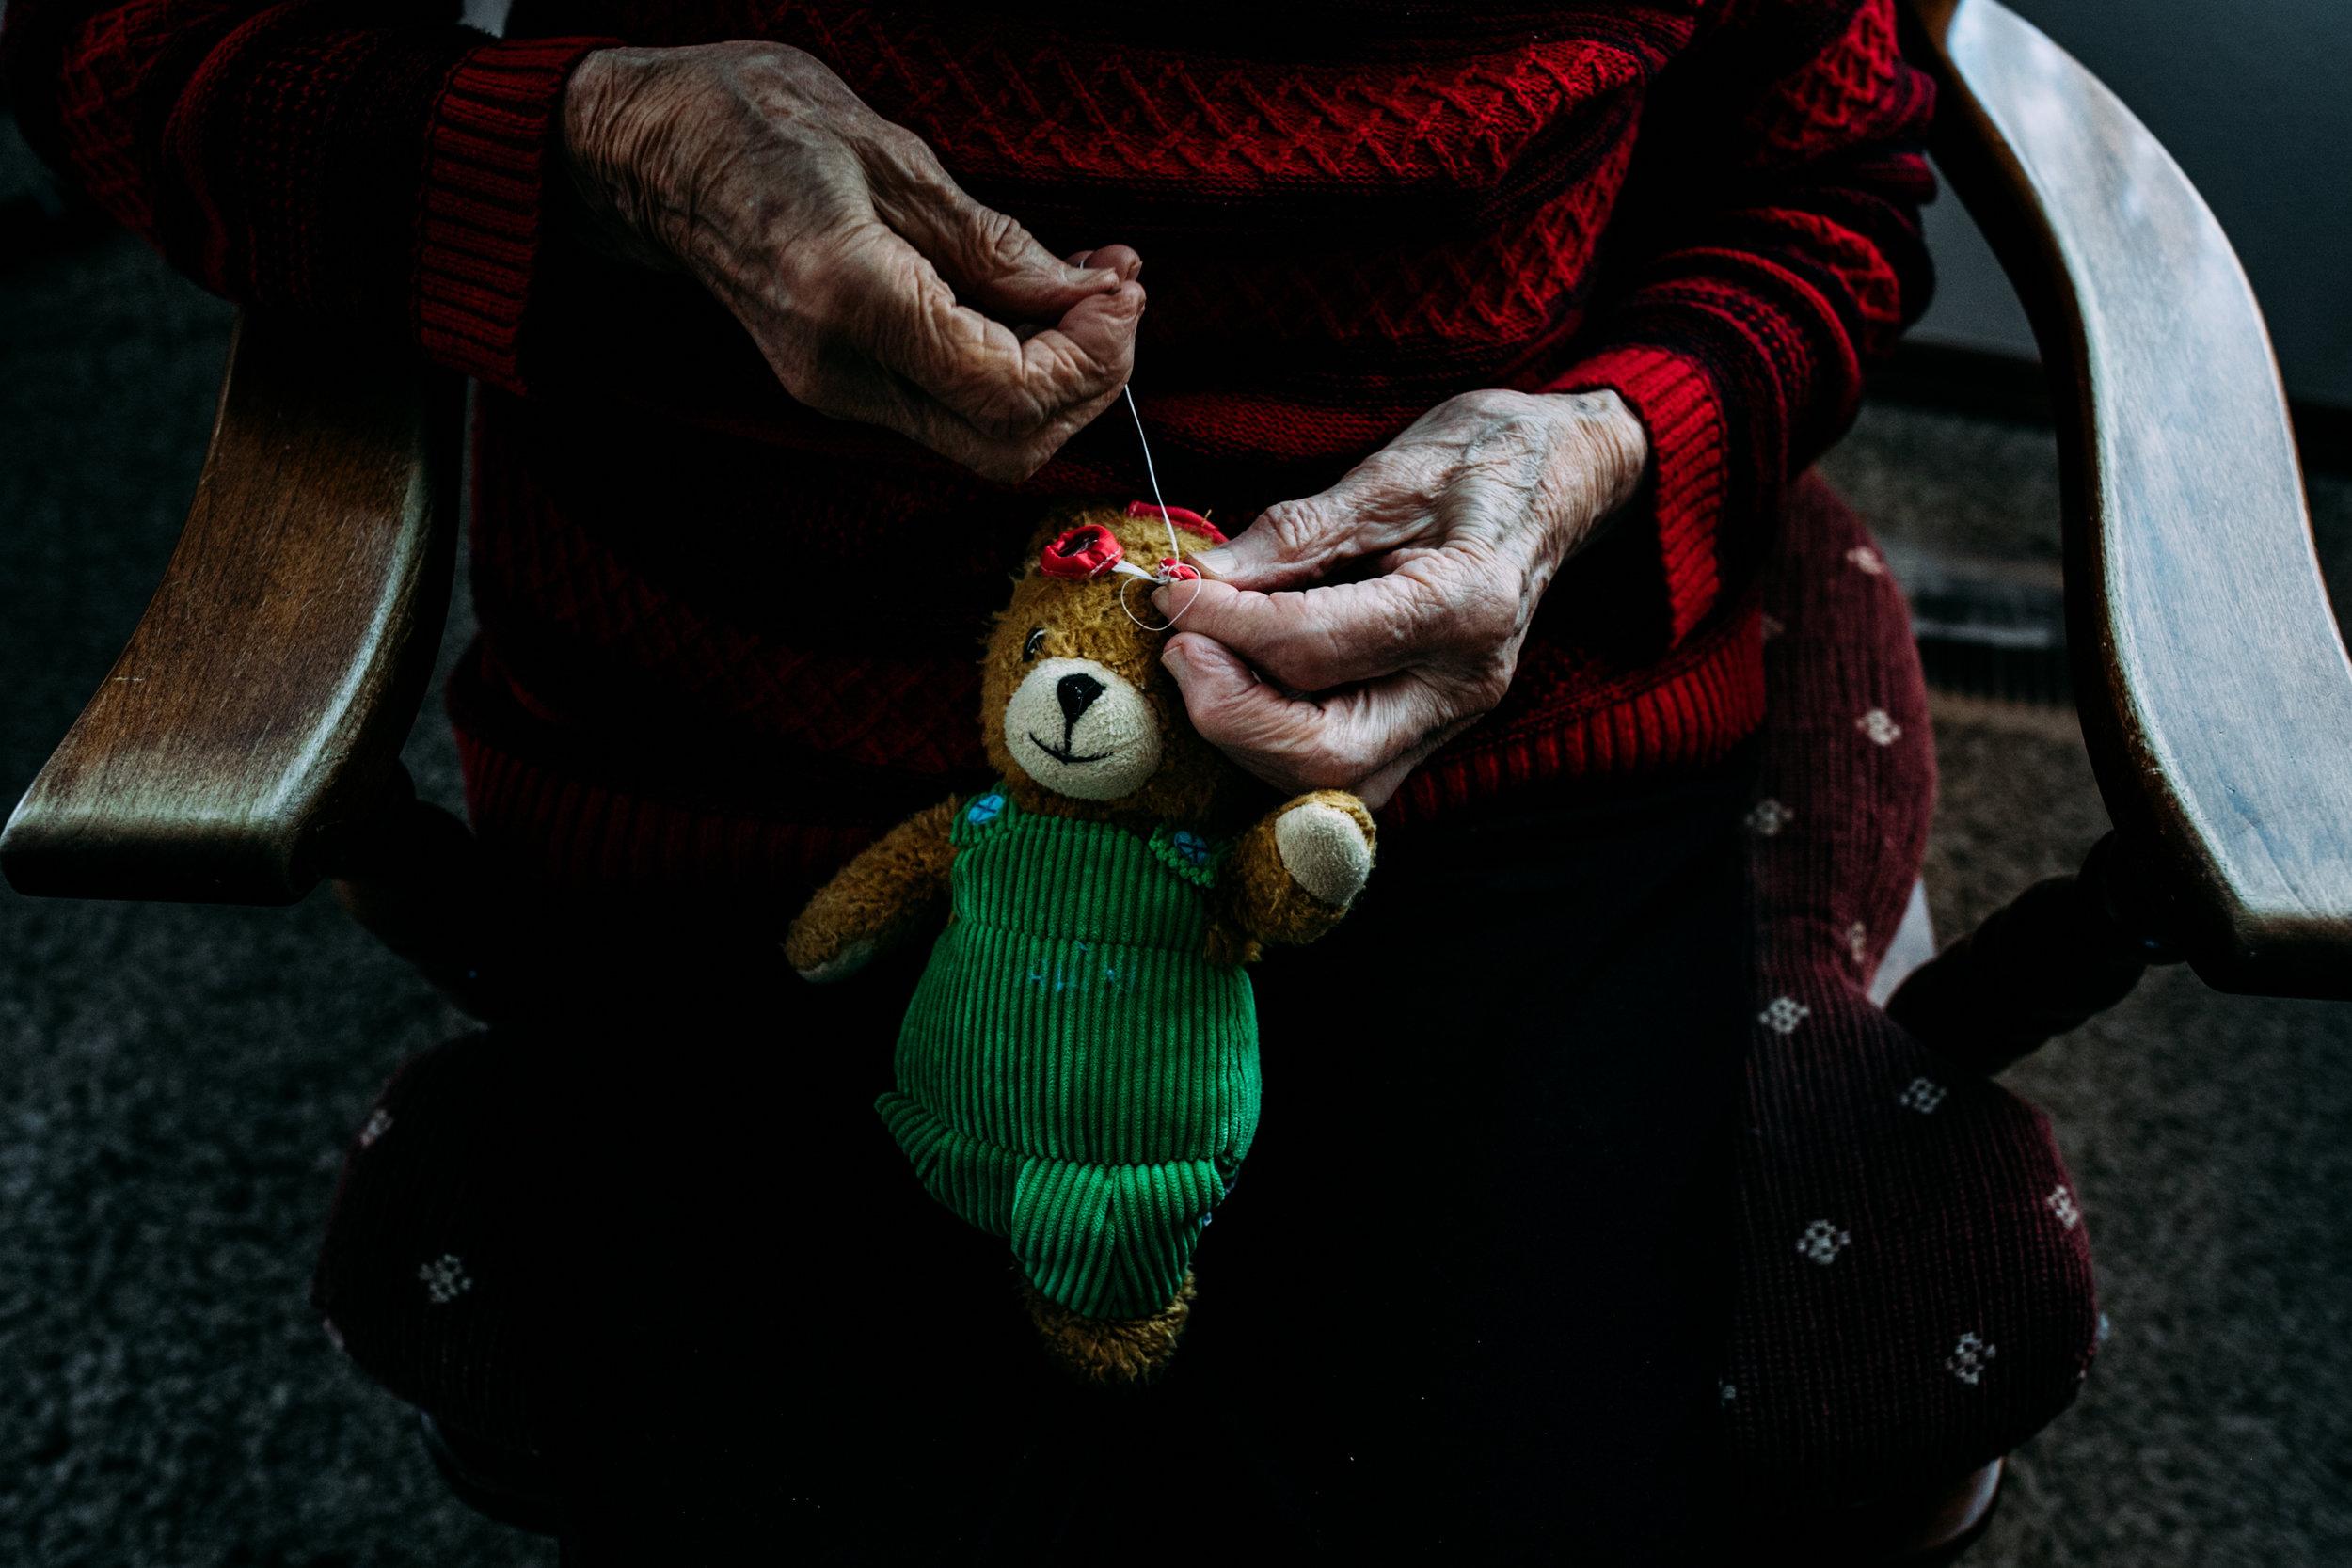 great grandma sews teddy bear for documentary family photography - anna nodolf